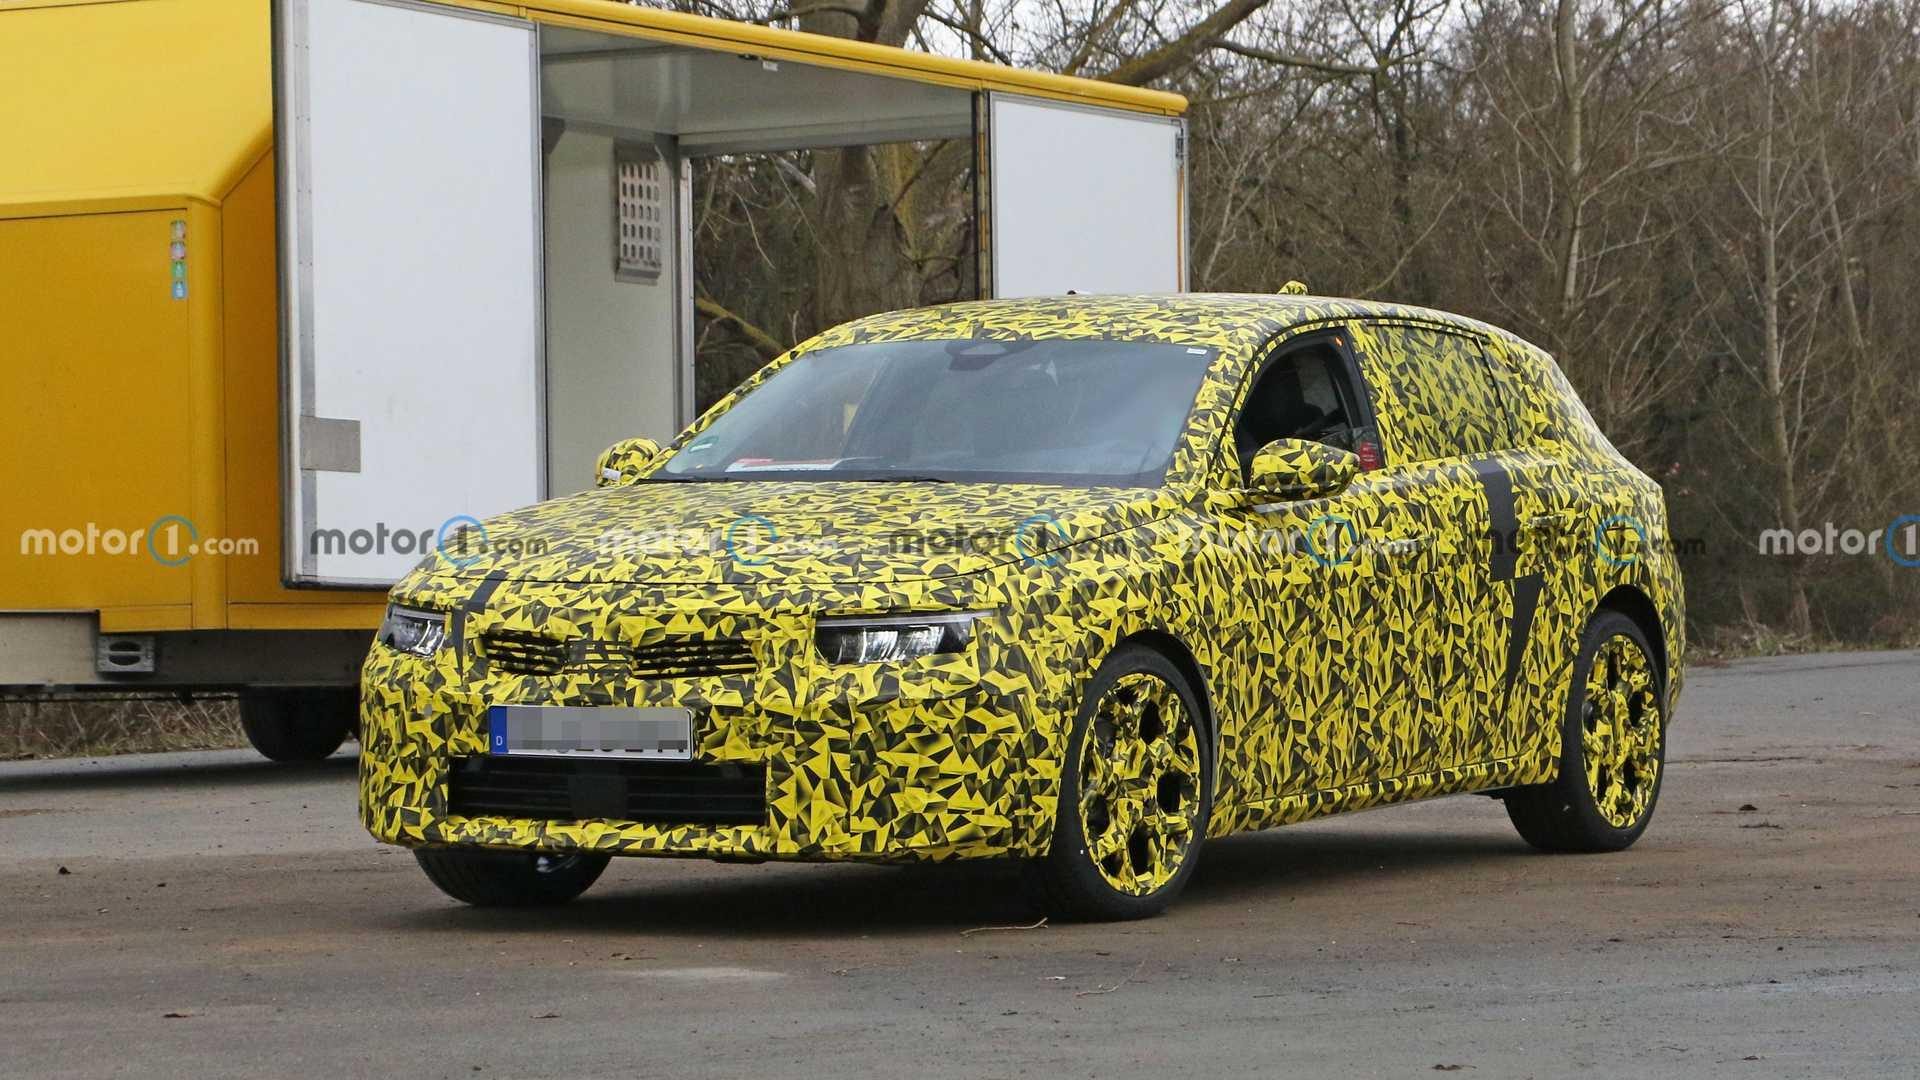 Nowy Opel Astra 2021 w kamuflażu